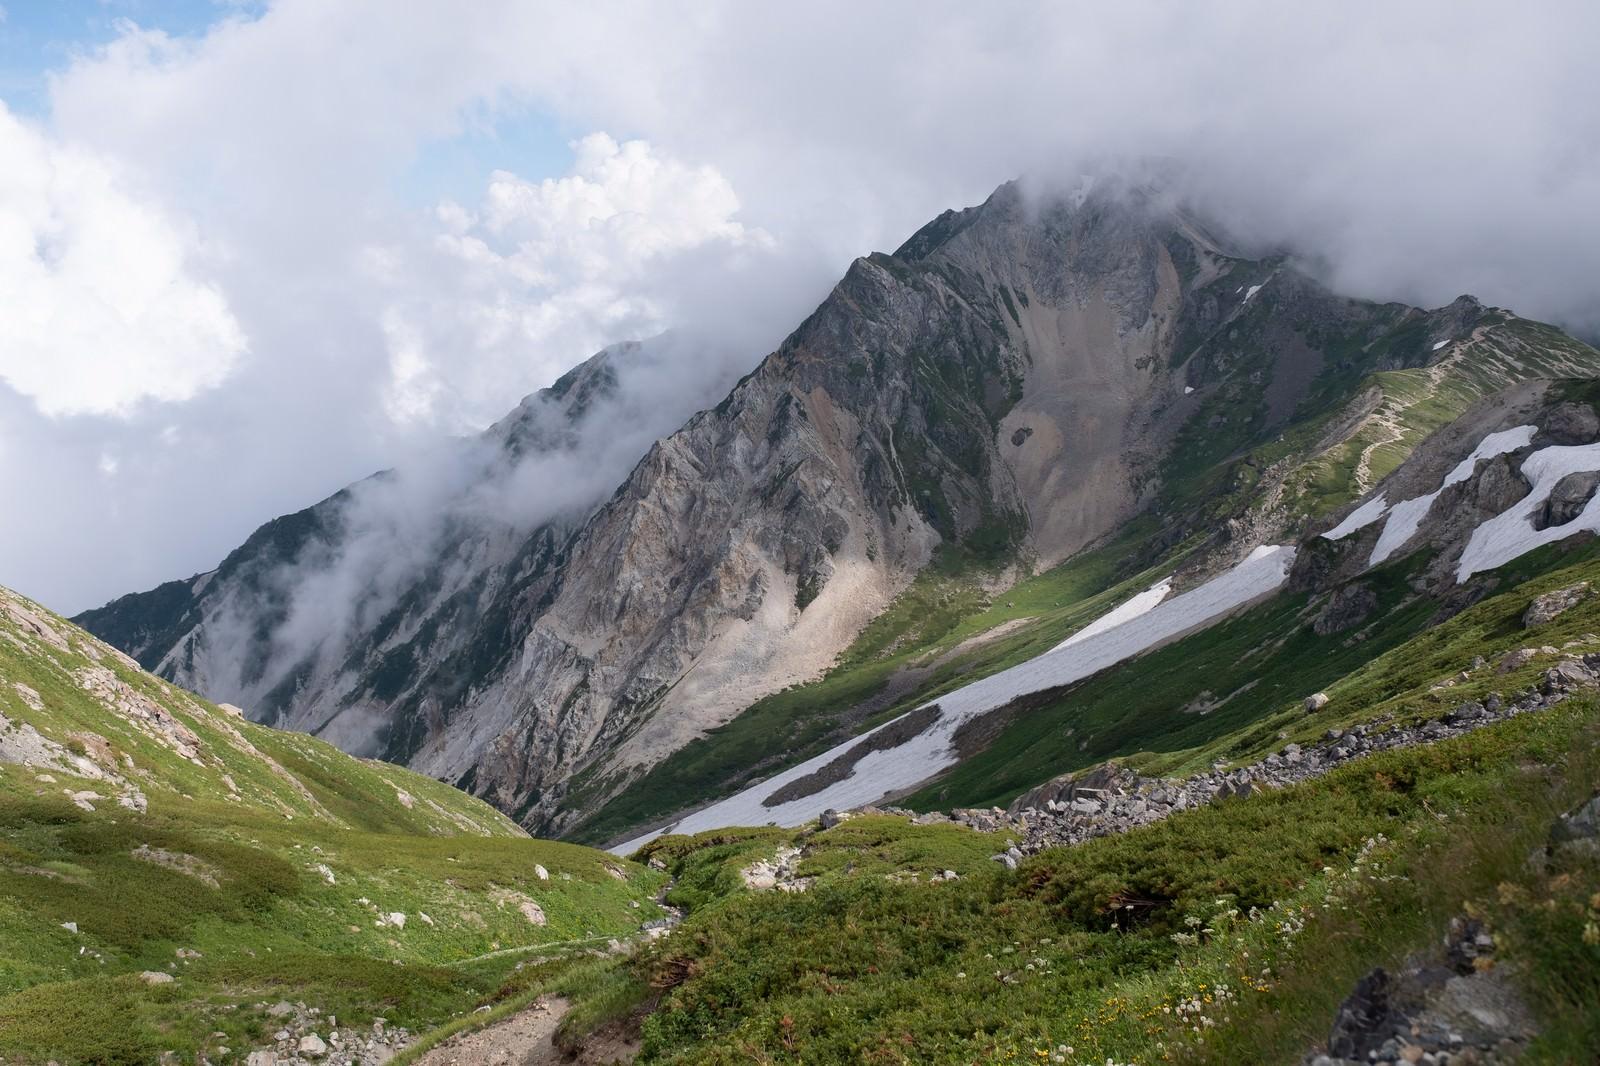 「白馬岳(しろうまだけ)の雪渓と沸き立つ雲間に見える山々(白馬岳)」の写真